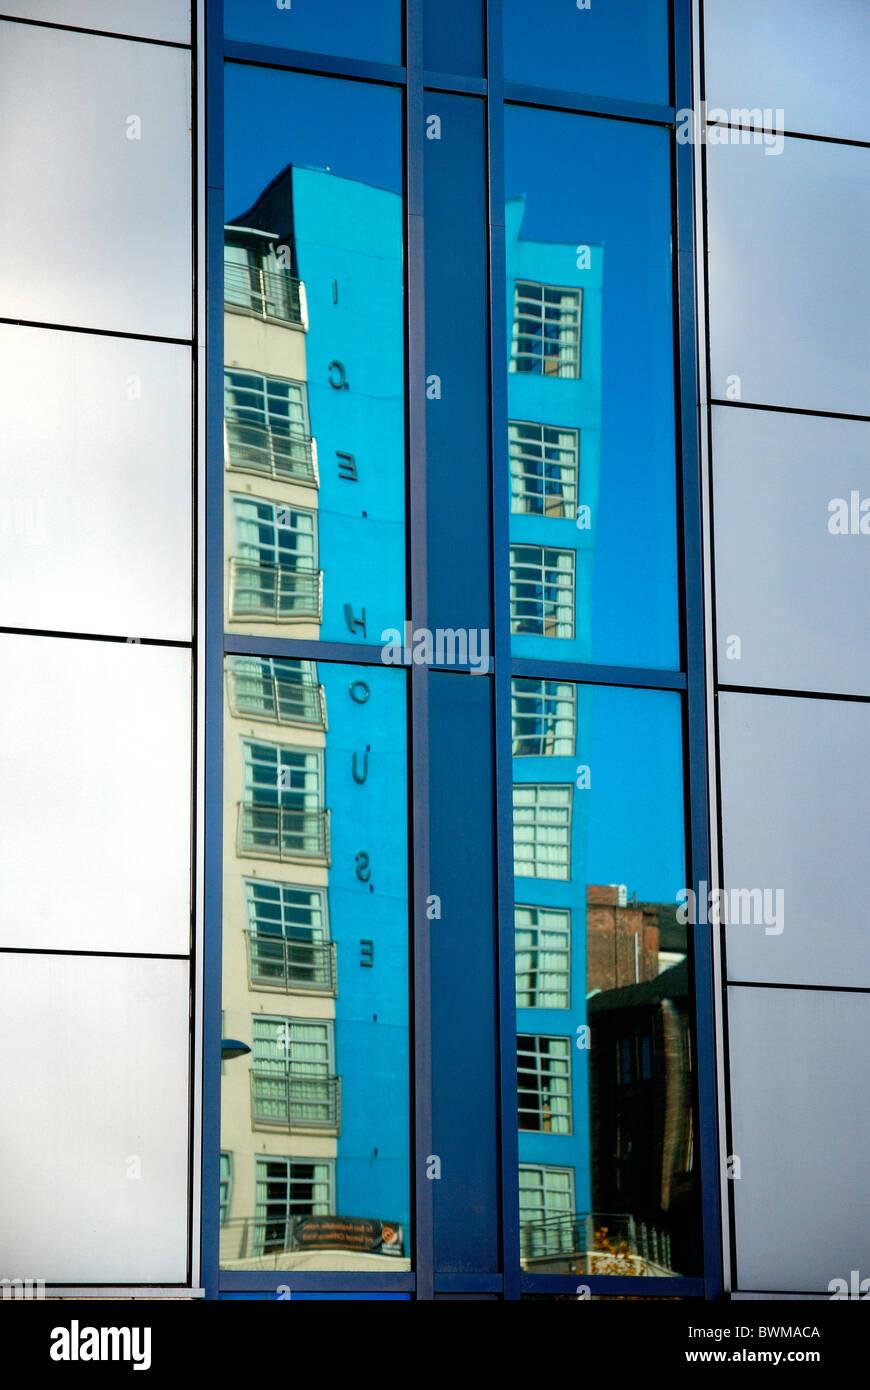 The Ice House Premier Apartments Nottingham England Uk